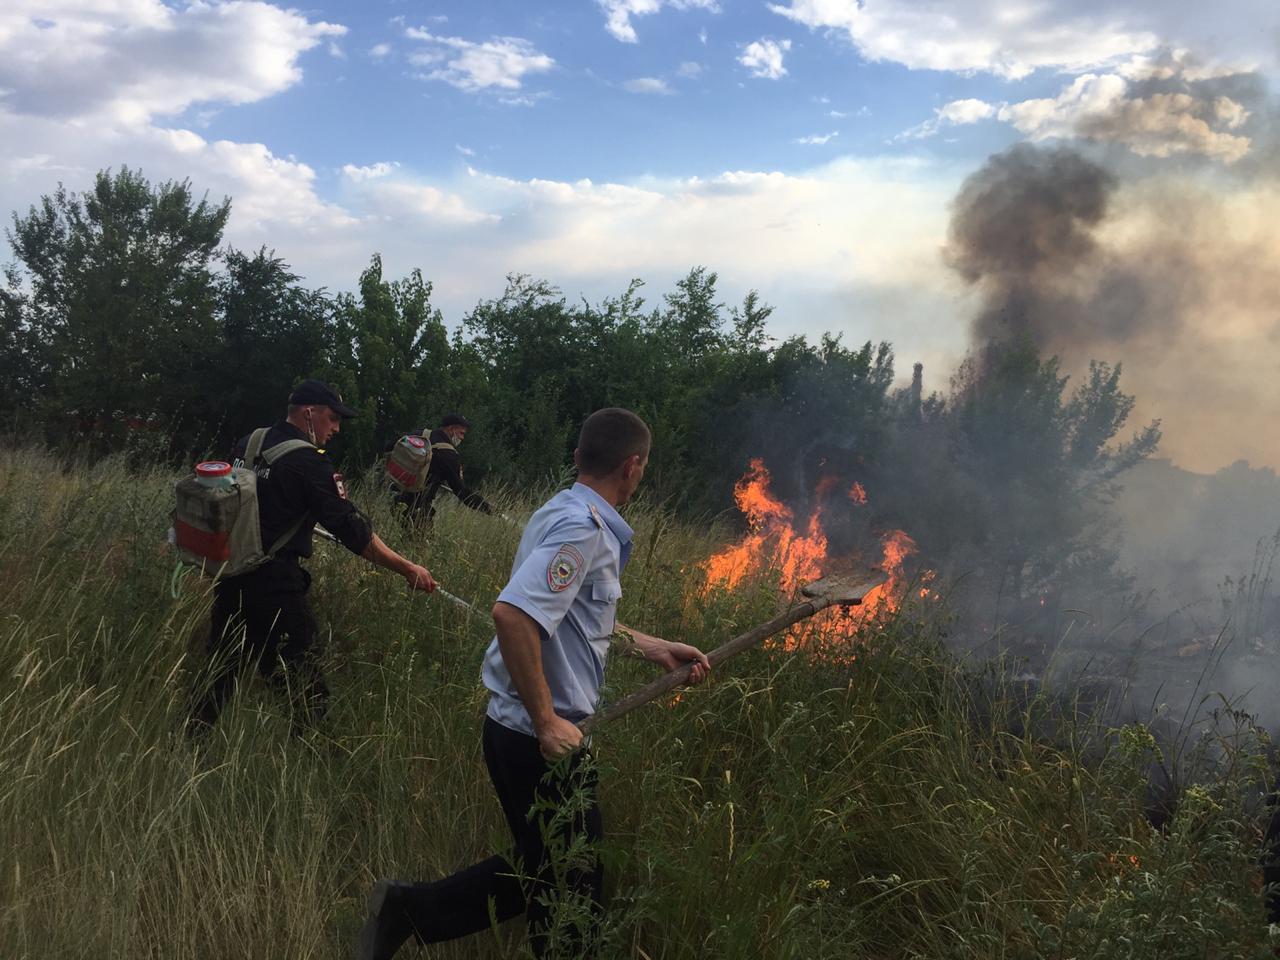 Крупный пожар под Фролово тушили с обеда и до позднего вечера МЧС и полиция